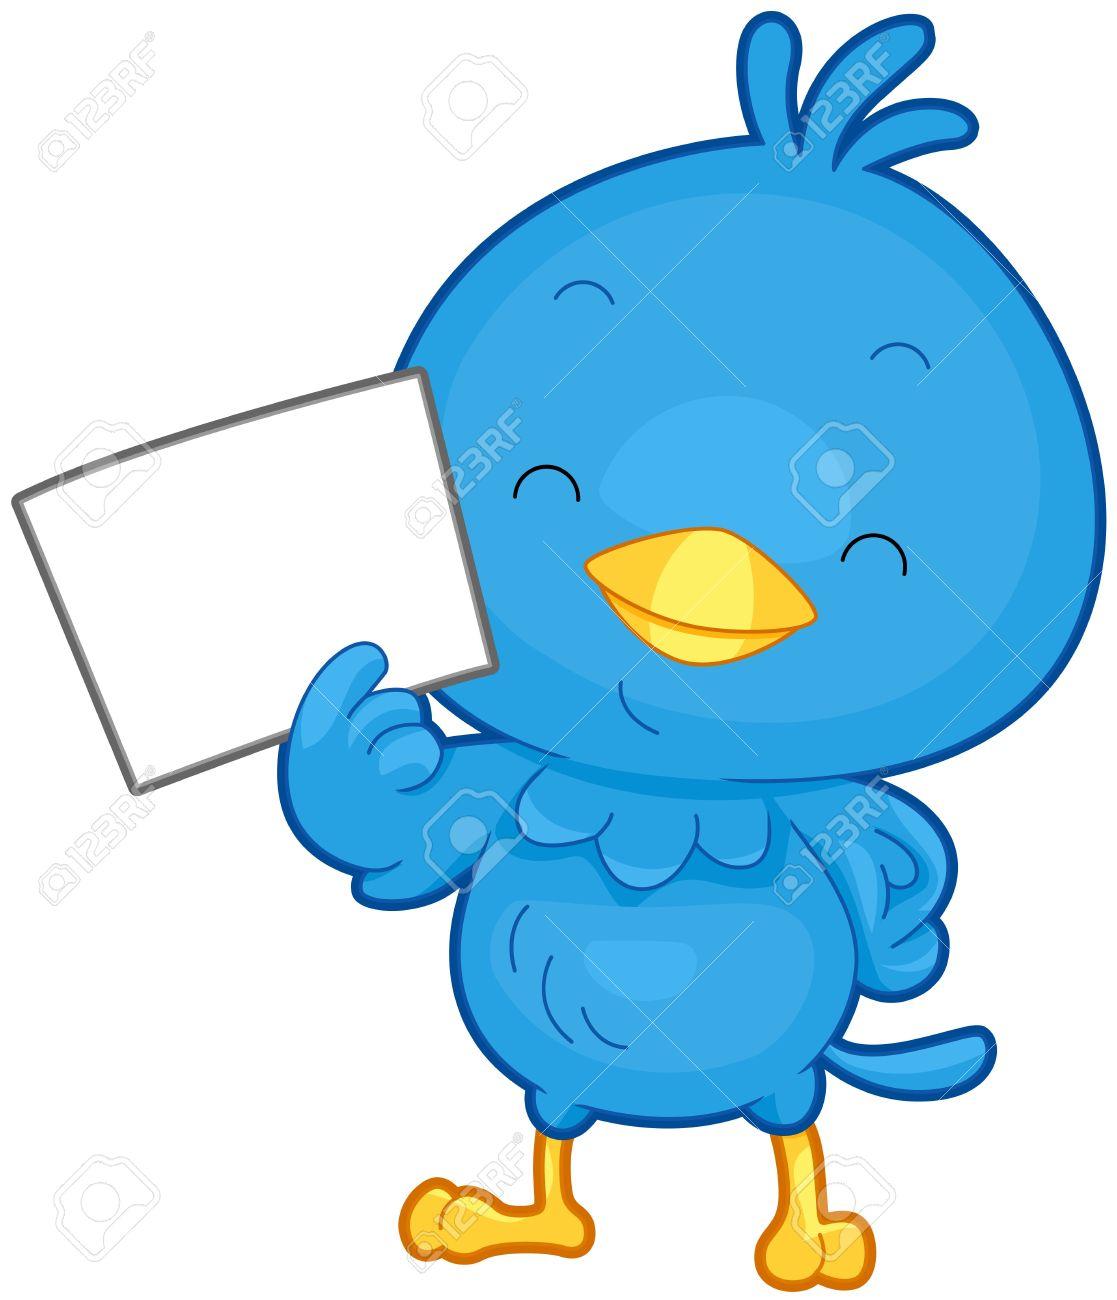 Bluebird clipart little bird  of Banner #8743 Little